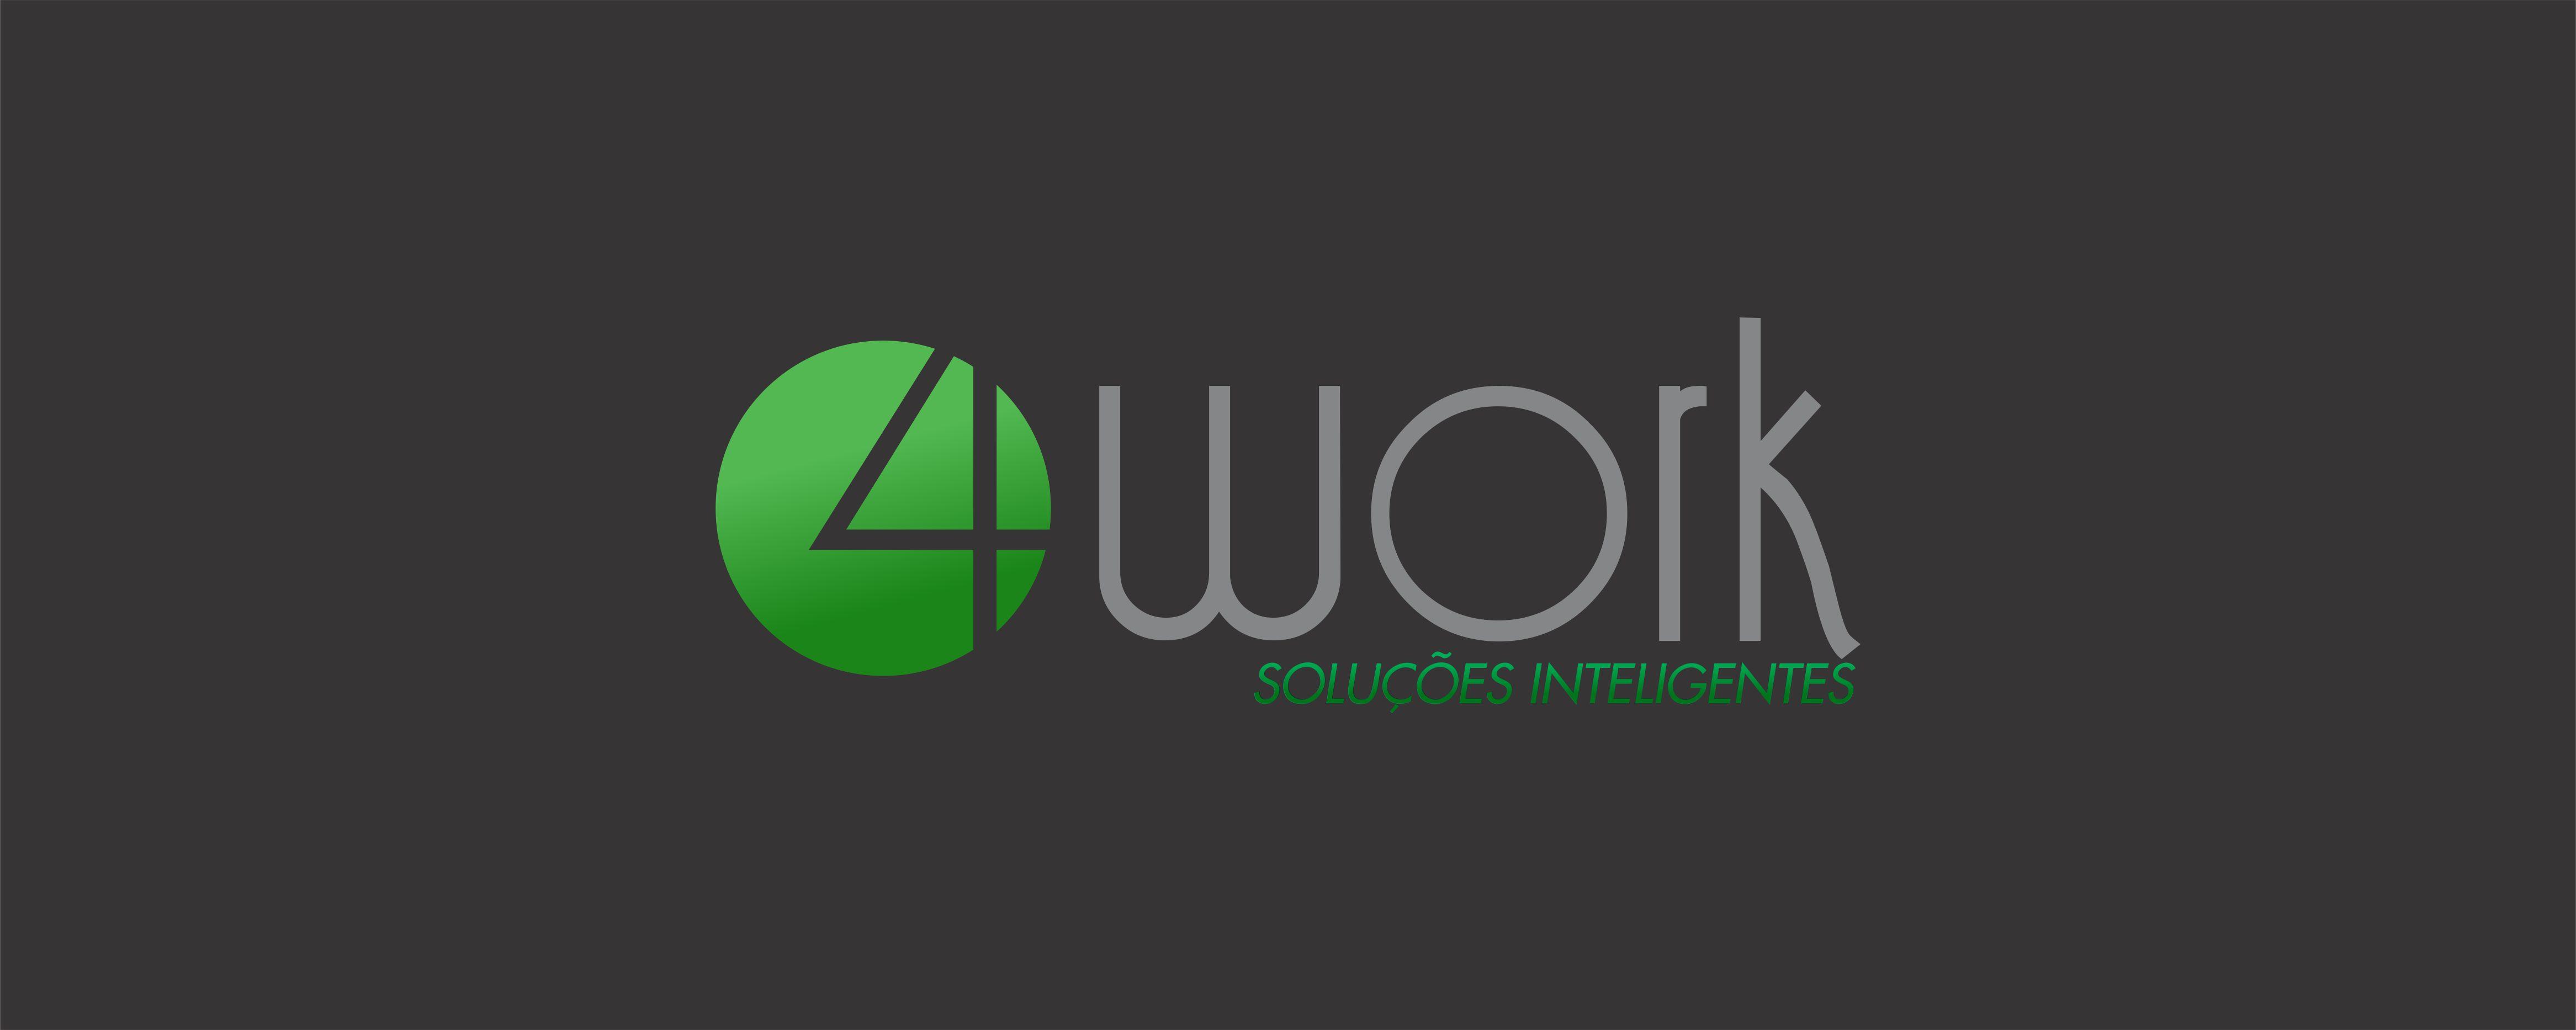 (c) 4workbrasil.com.br